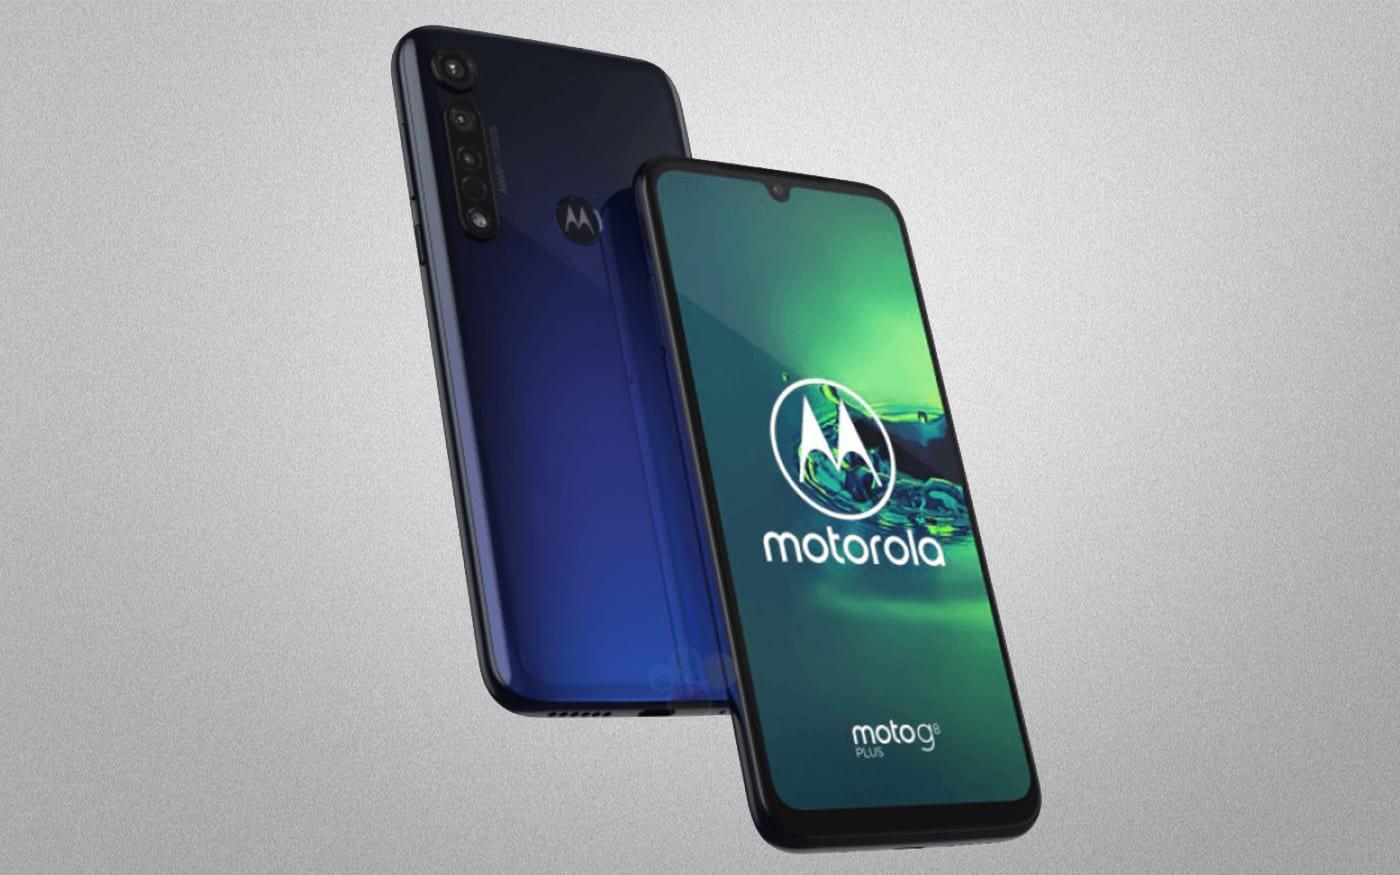 Novo smartphone da Motorola é certificado pelo FCC